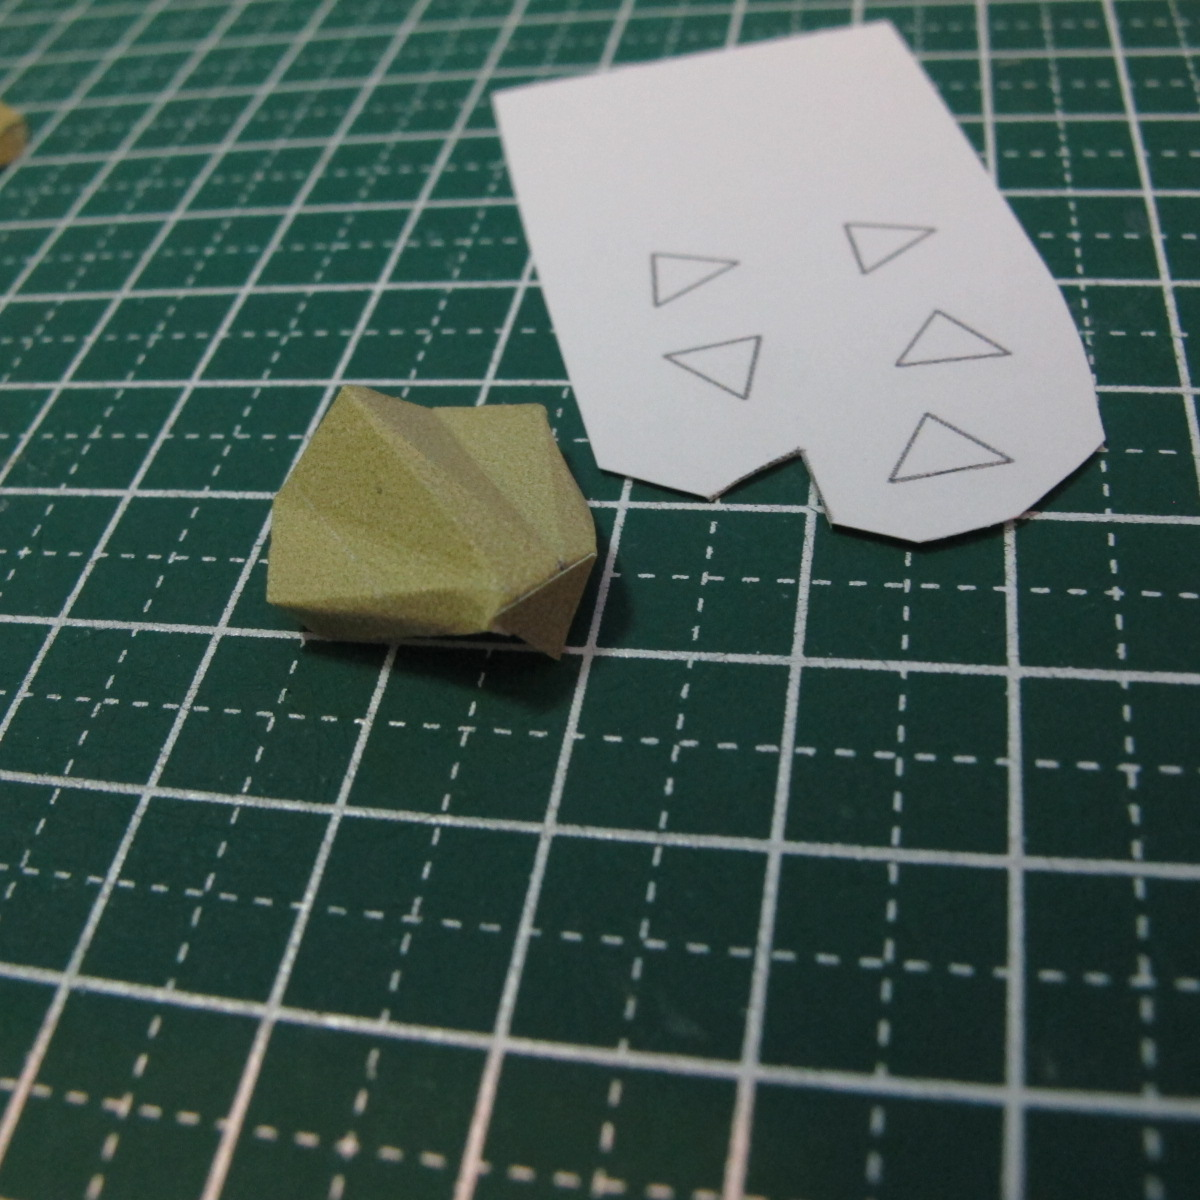 วิธีการทำโมเดลกระดาษเป็นสตอเบอรี่สีแดง 006